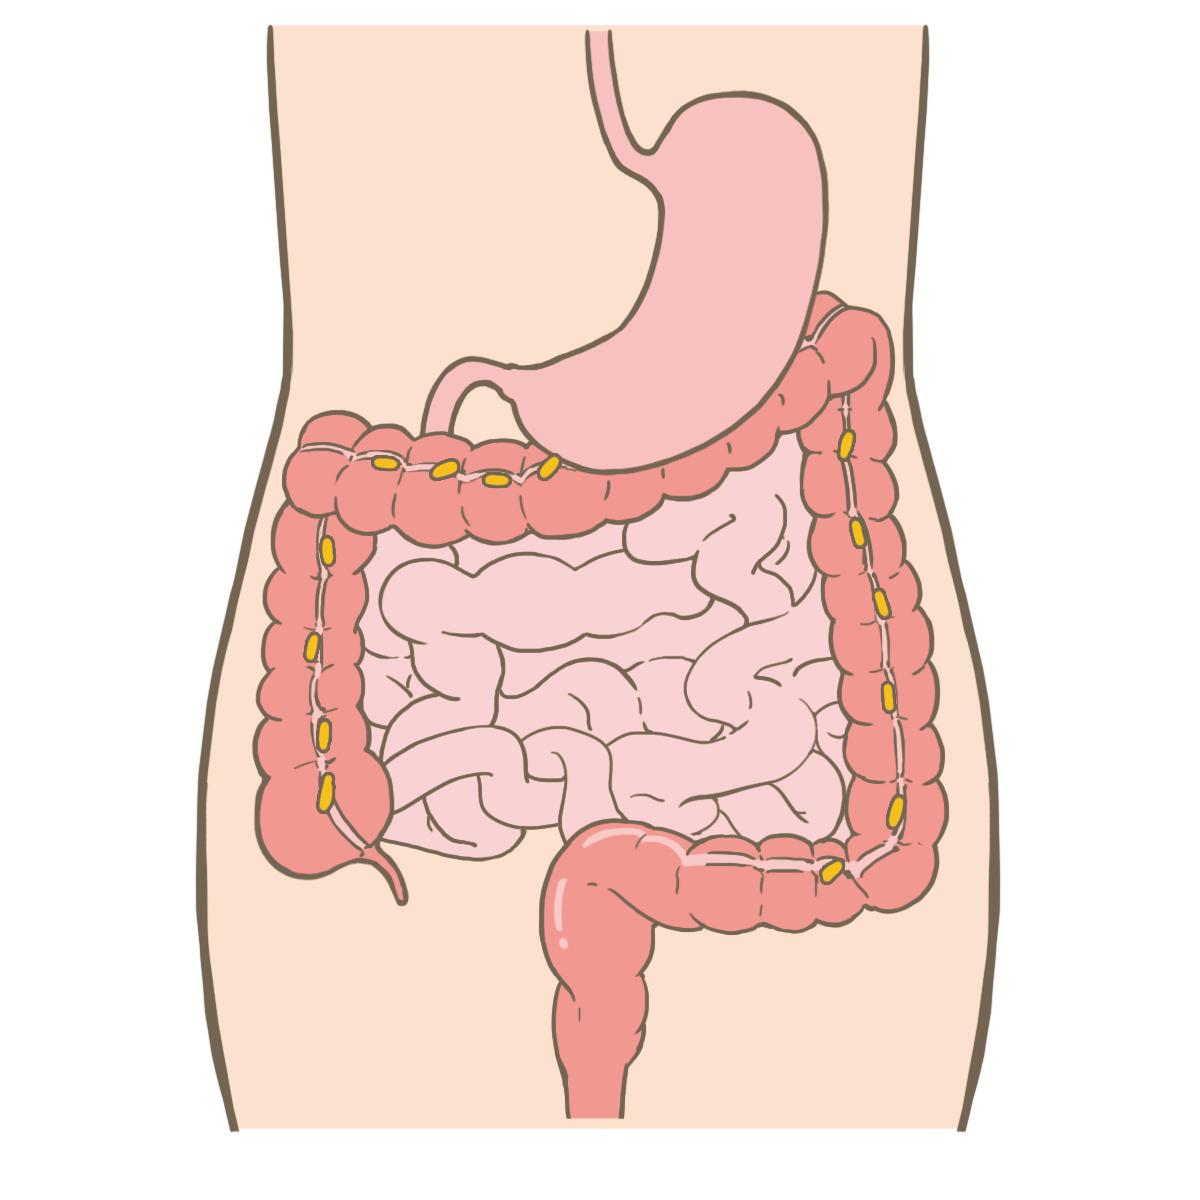 「小腸 フリー素材」の画像検索結果